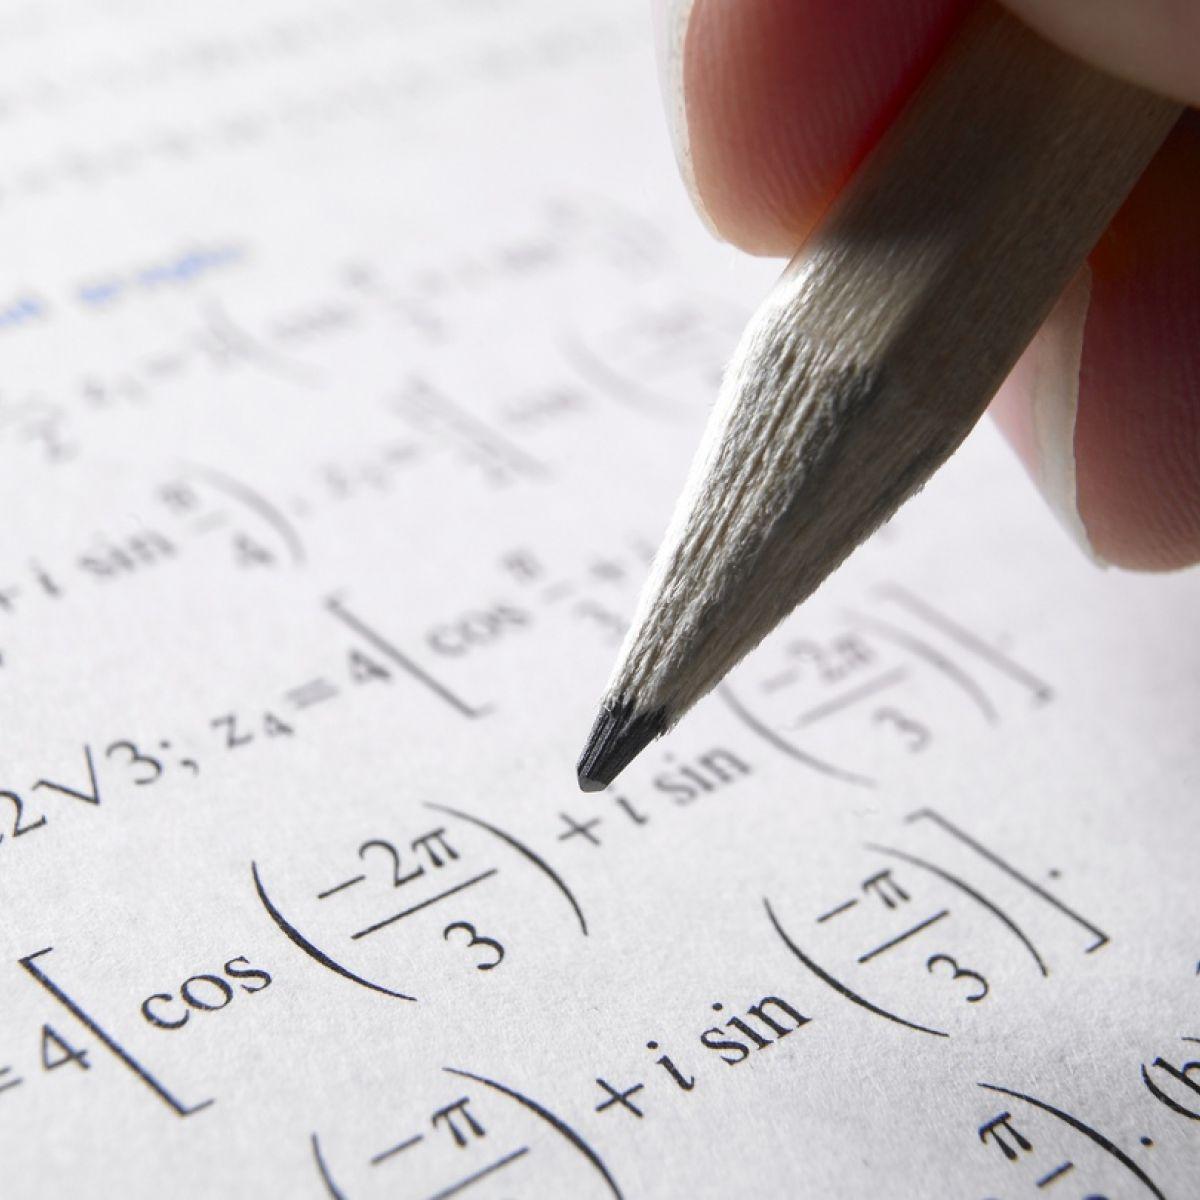 More than 3,700 Leaving Cert pupils fail maths exam